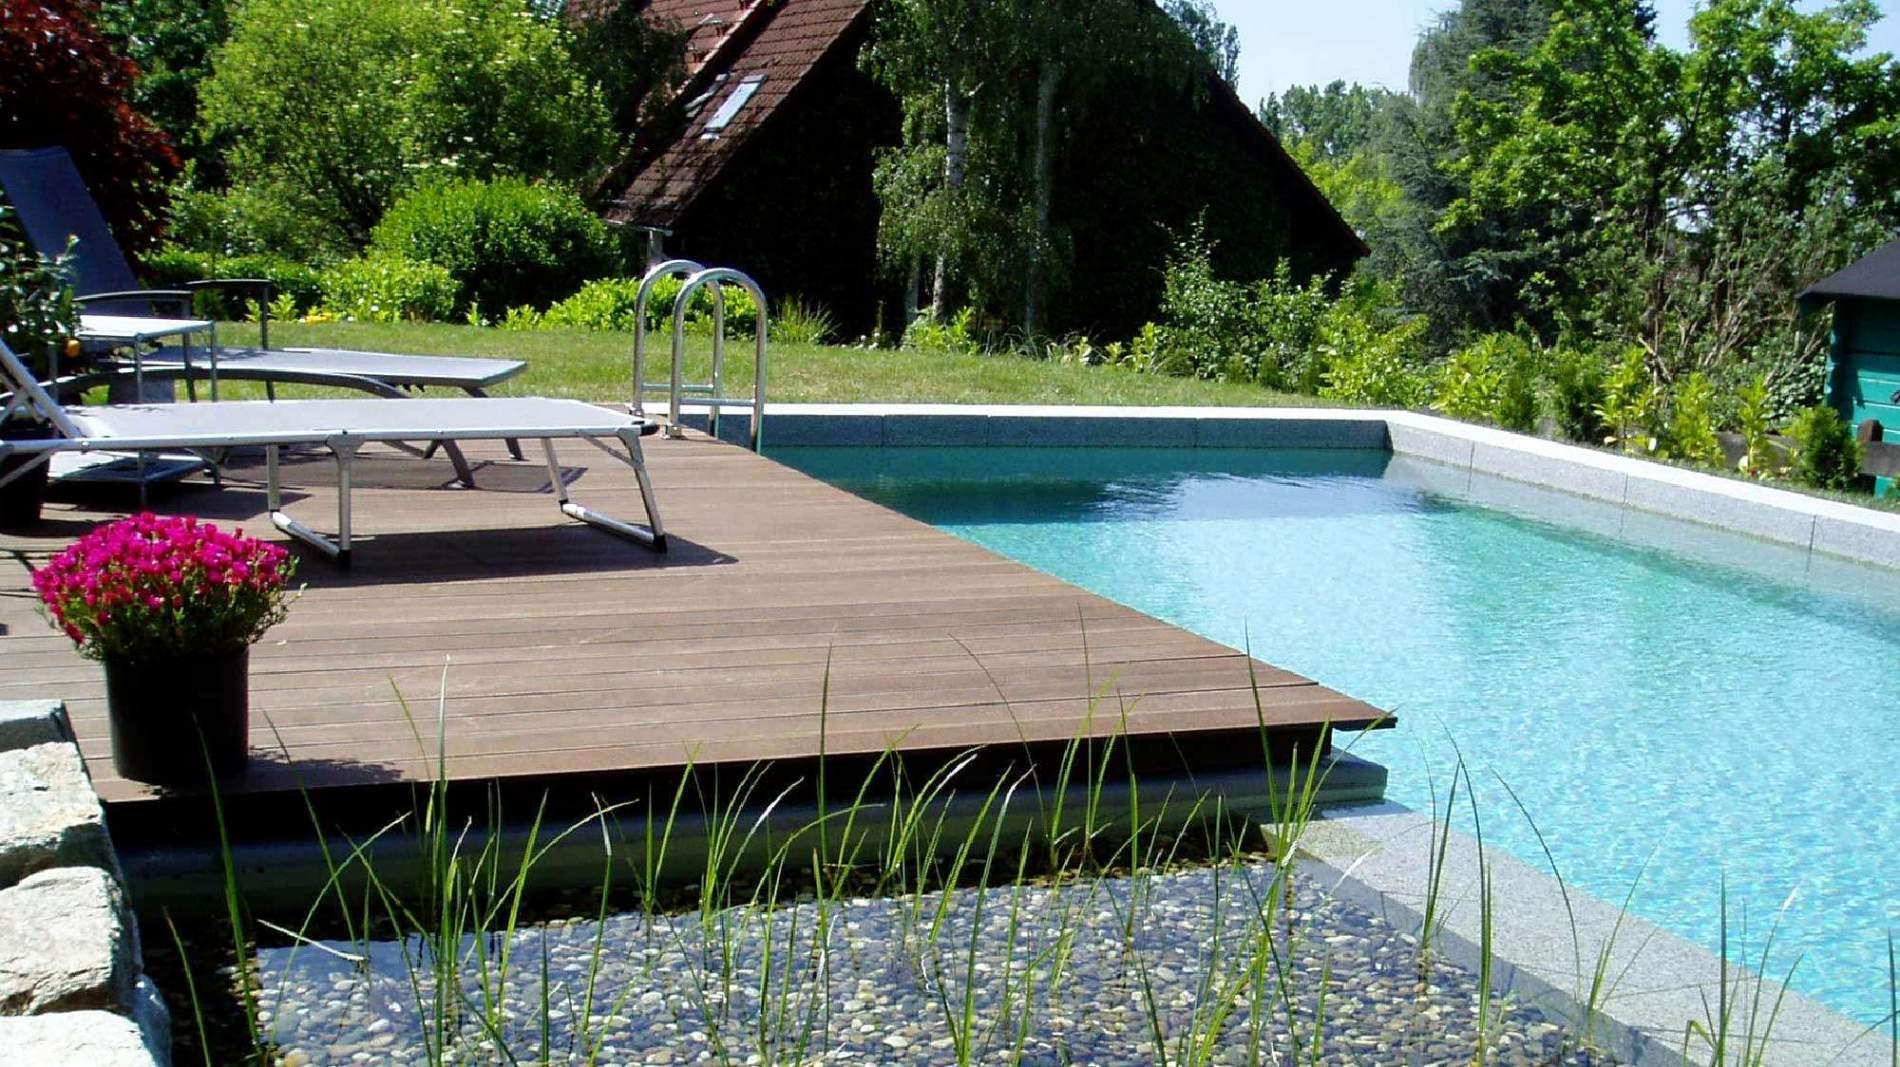 swimmingpool im garten elegant 31 neu garten schwimmbad swimming pool leipzig swimming pool leipzig